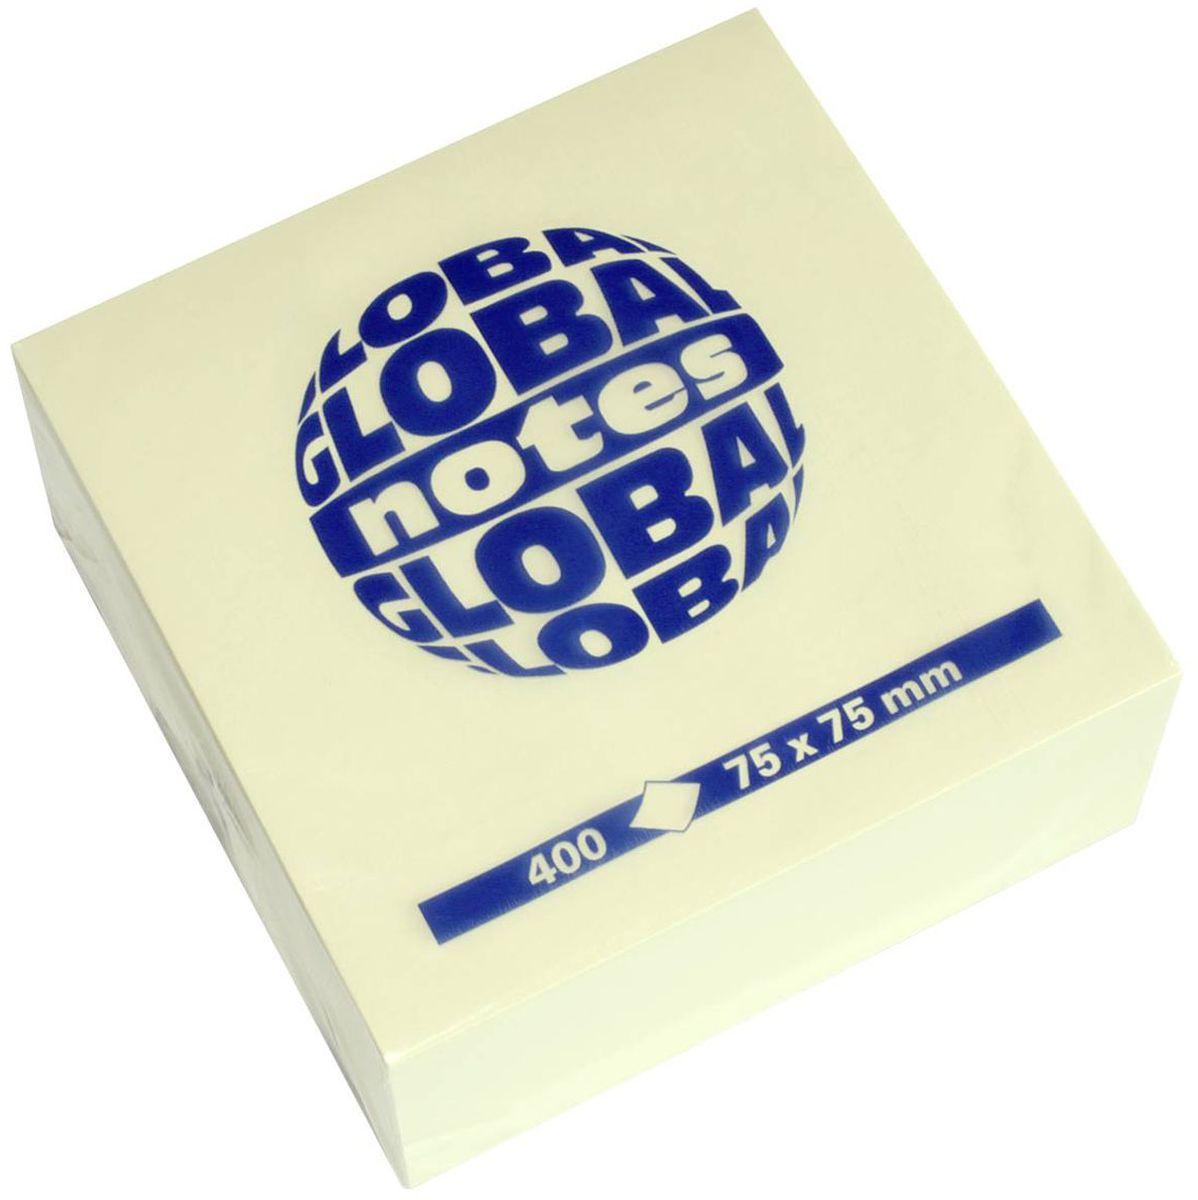 Global Notes Бумага для заметок с липким слоем цвет желтый 400 листов 382001126692Бумага для заметок с липким краем Global Notes - это удобное и практичное решение для быстрой записи информации дома или на работе.Качественная клеевая полоса рассчитана на крепление к любой поверхности, позволяет приклеивать и отклеивать листок неограниченное количество раз, не оставляя следов.